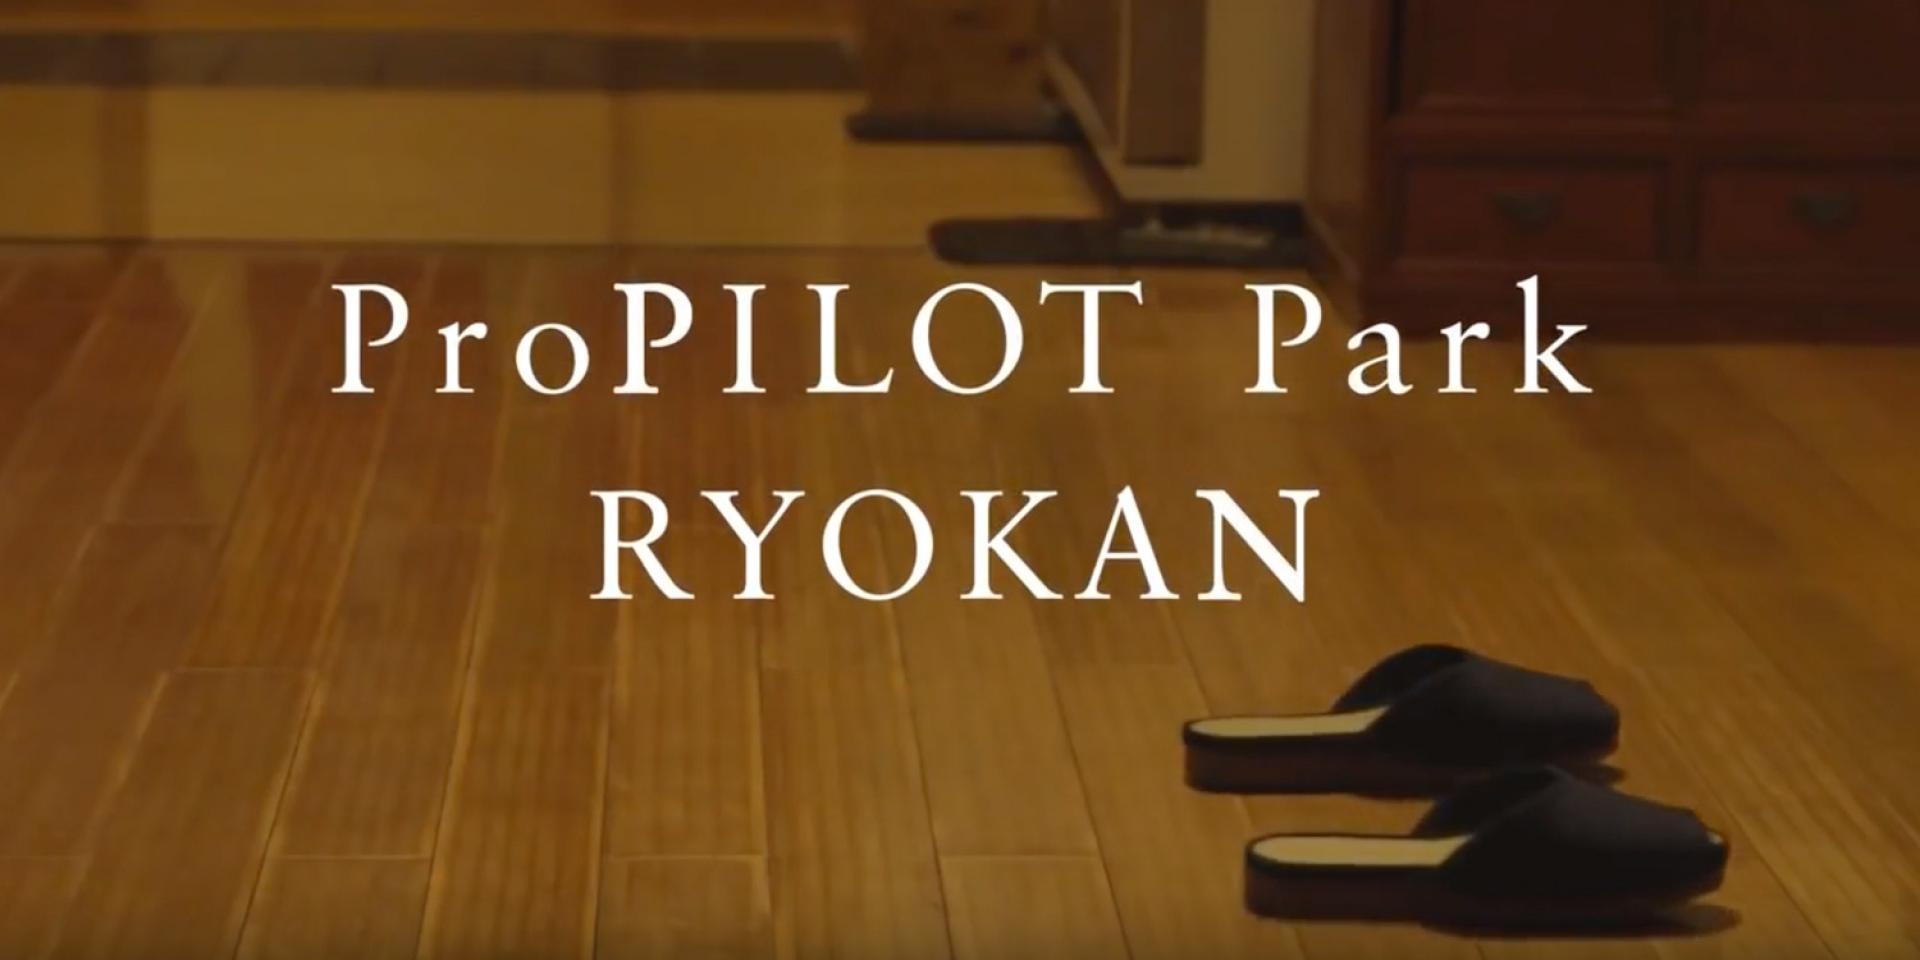 別怕,這裡沒有鬧鬼!家具會自己動的溫泉旅館Nissan ProPILOT Park Ryokan